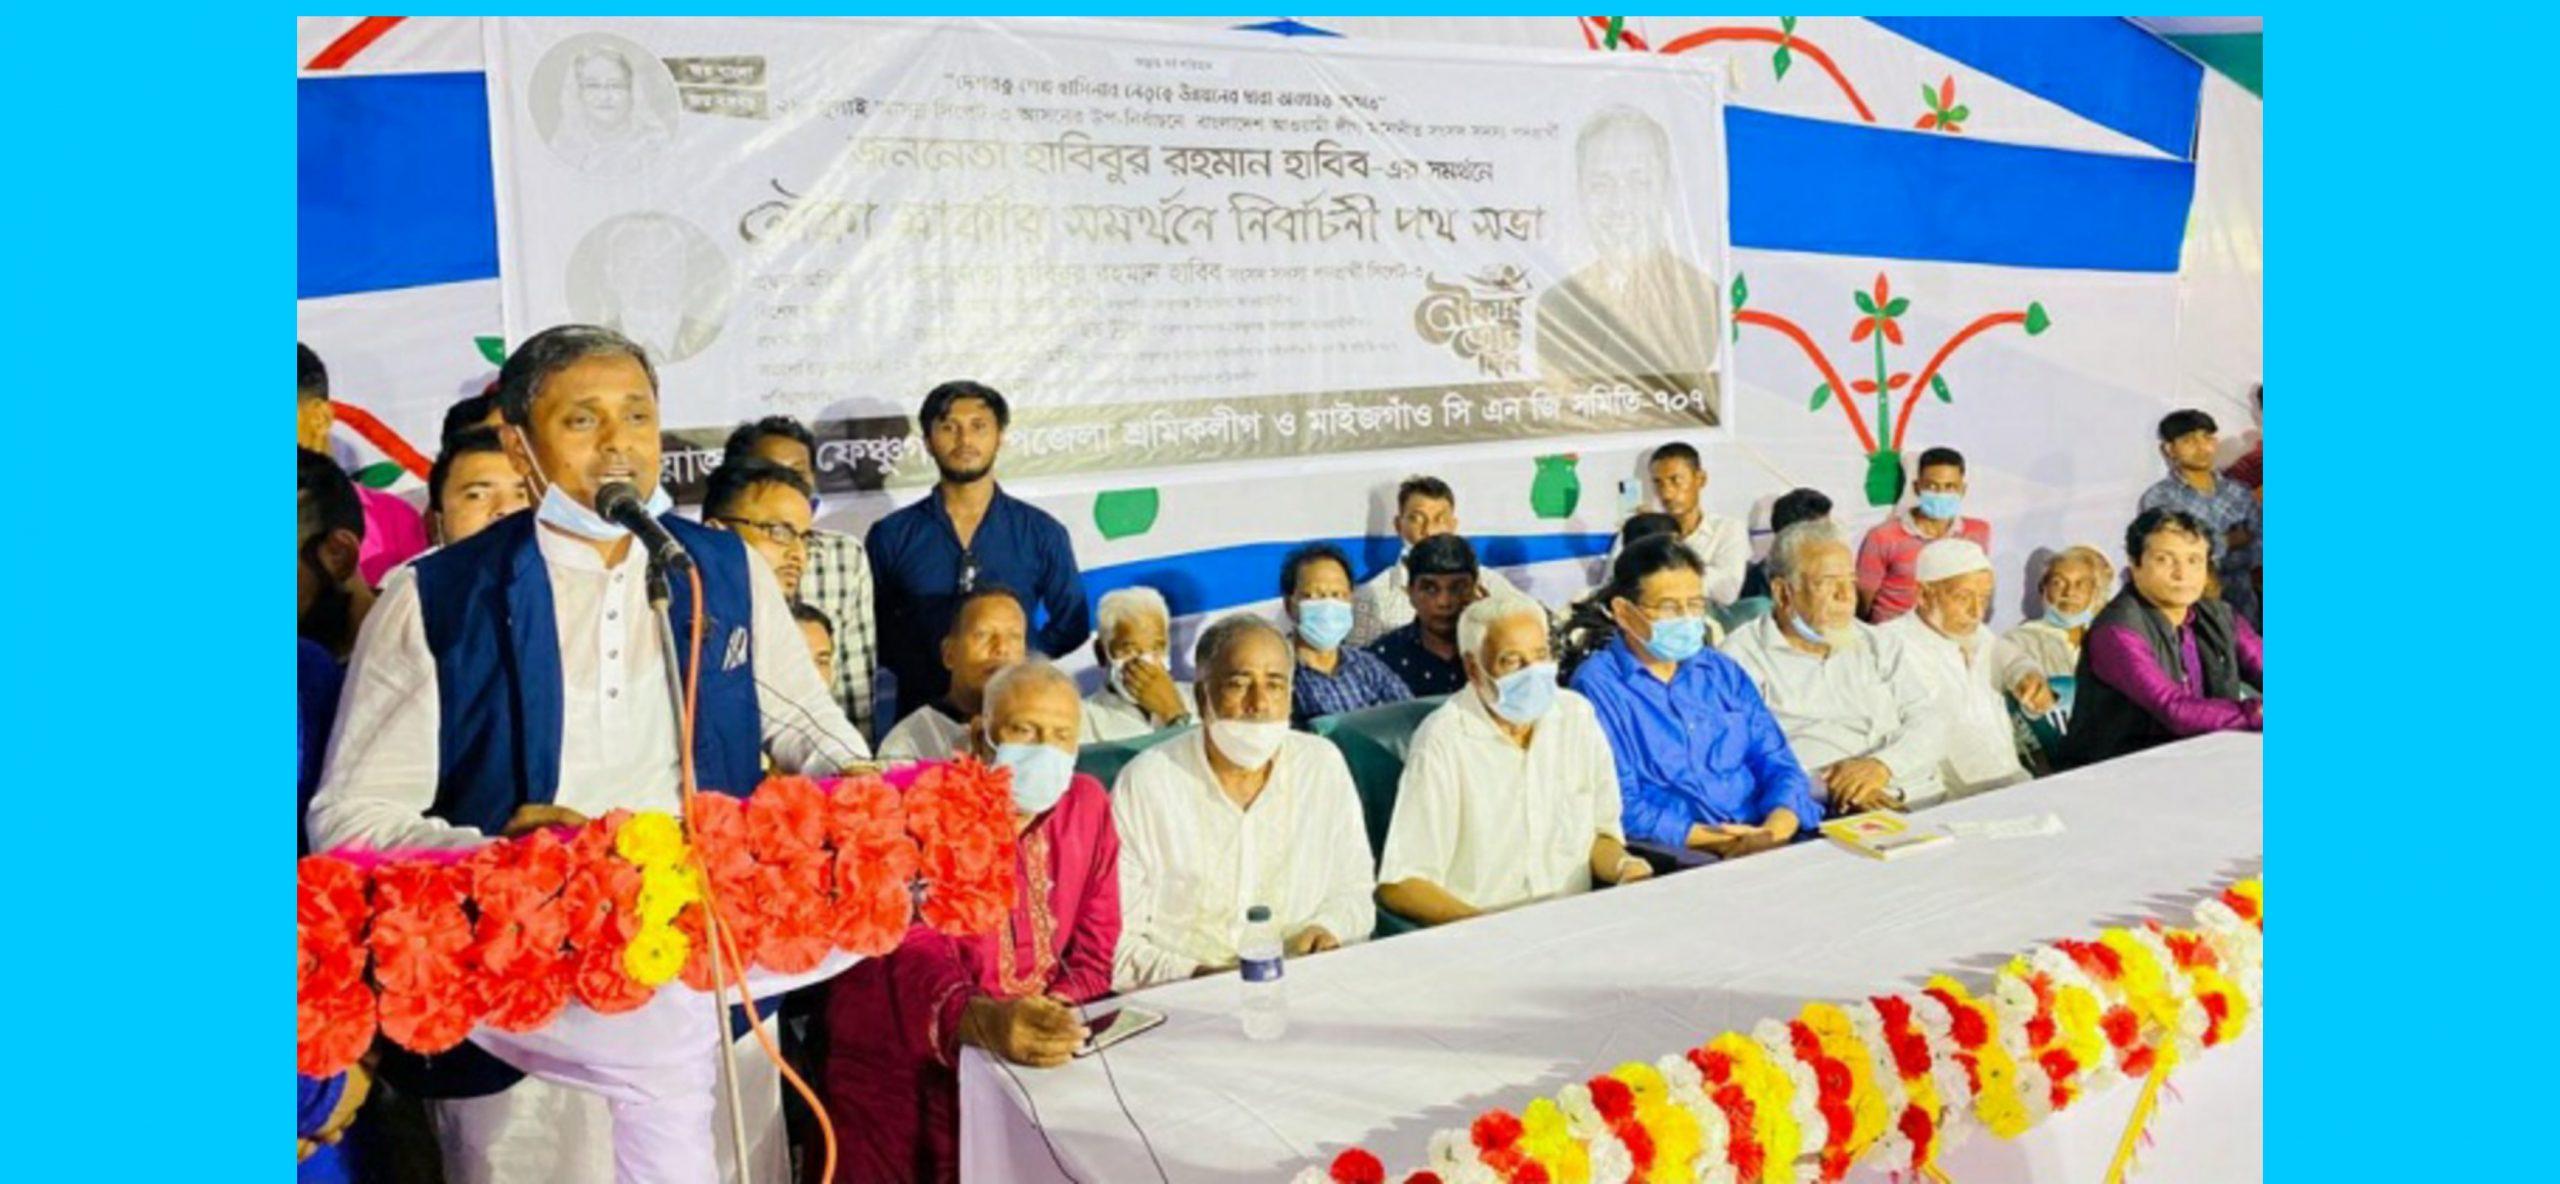 নান্দনিক সিলেট ৩ গড়ে তুলতে শ্রমিকদের কল্যাণে কাজ করব: হাবিব